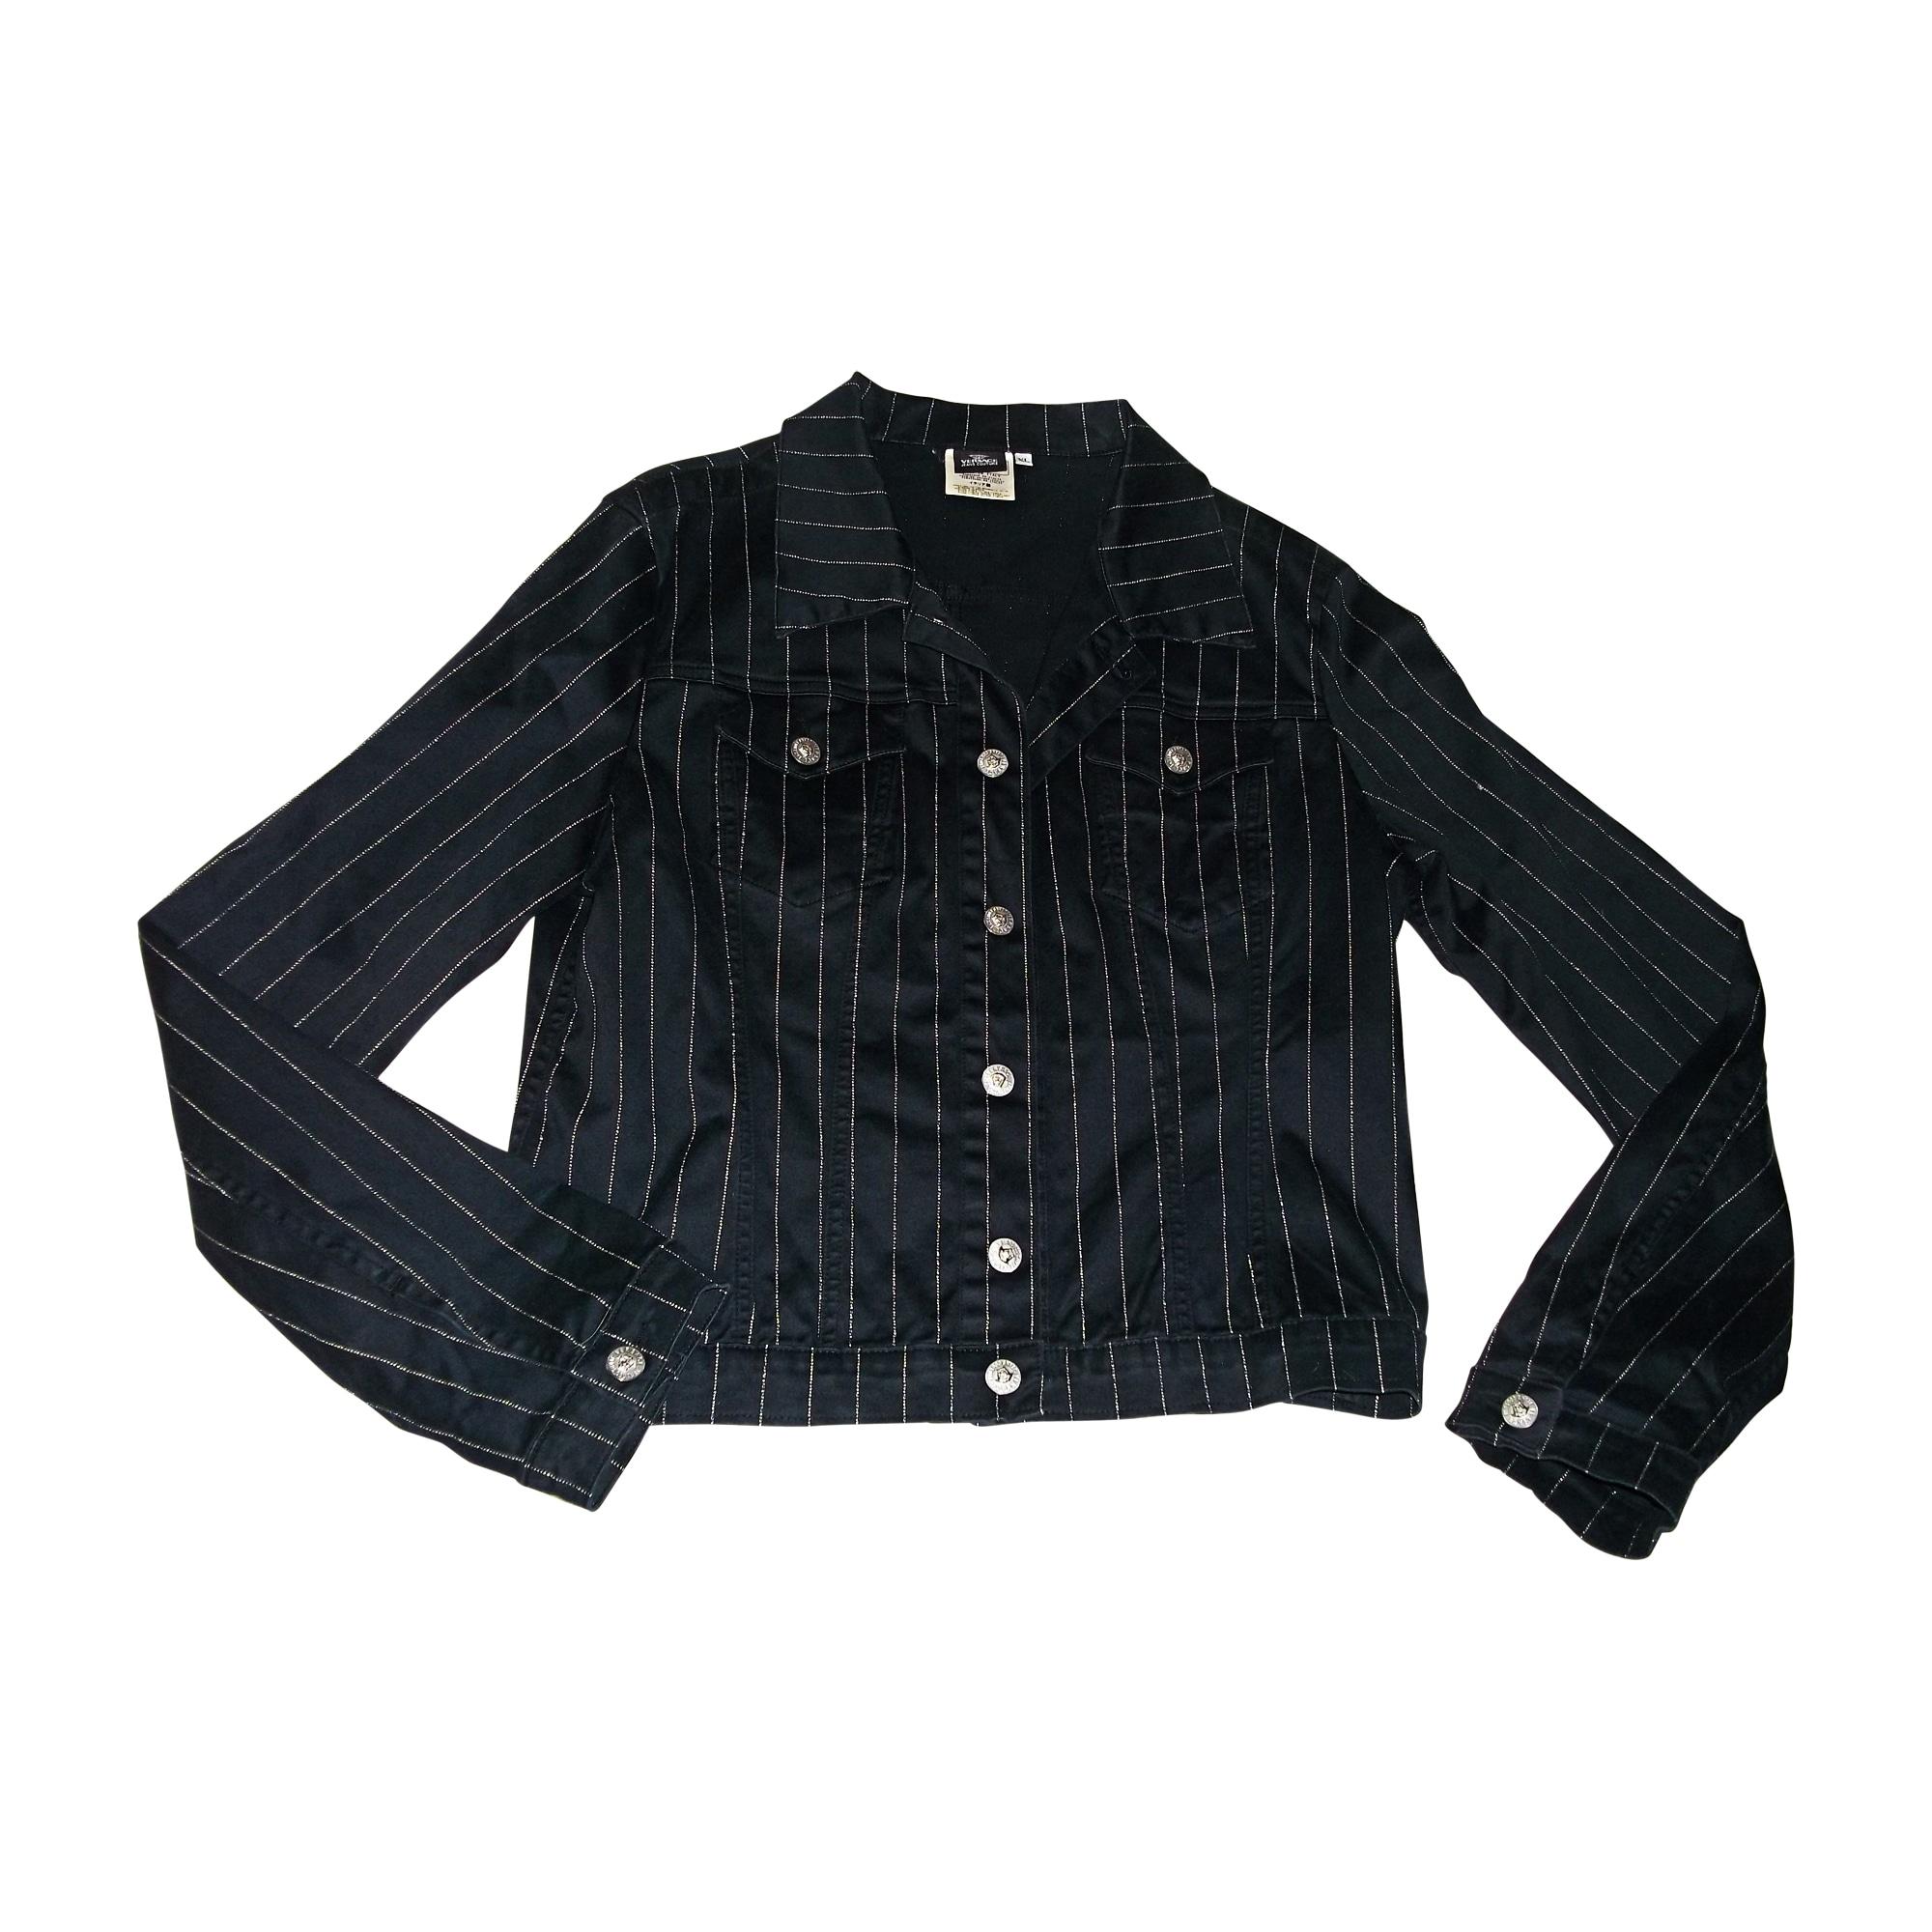 Veste Versace 40 L T3 Noir 4860001